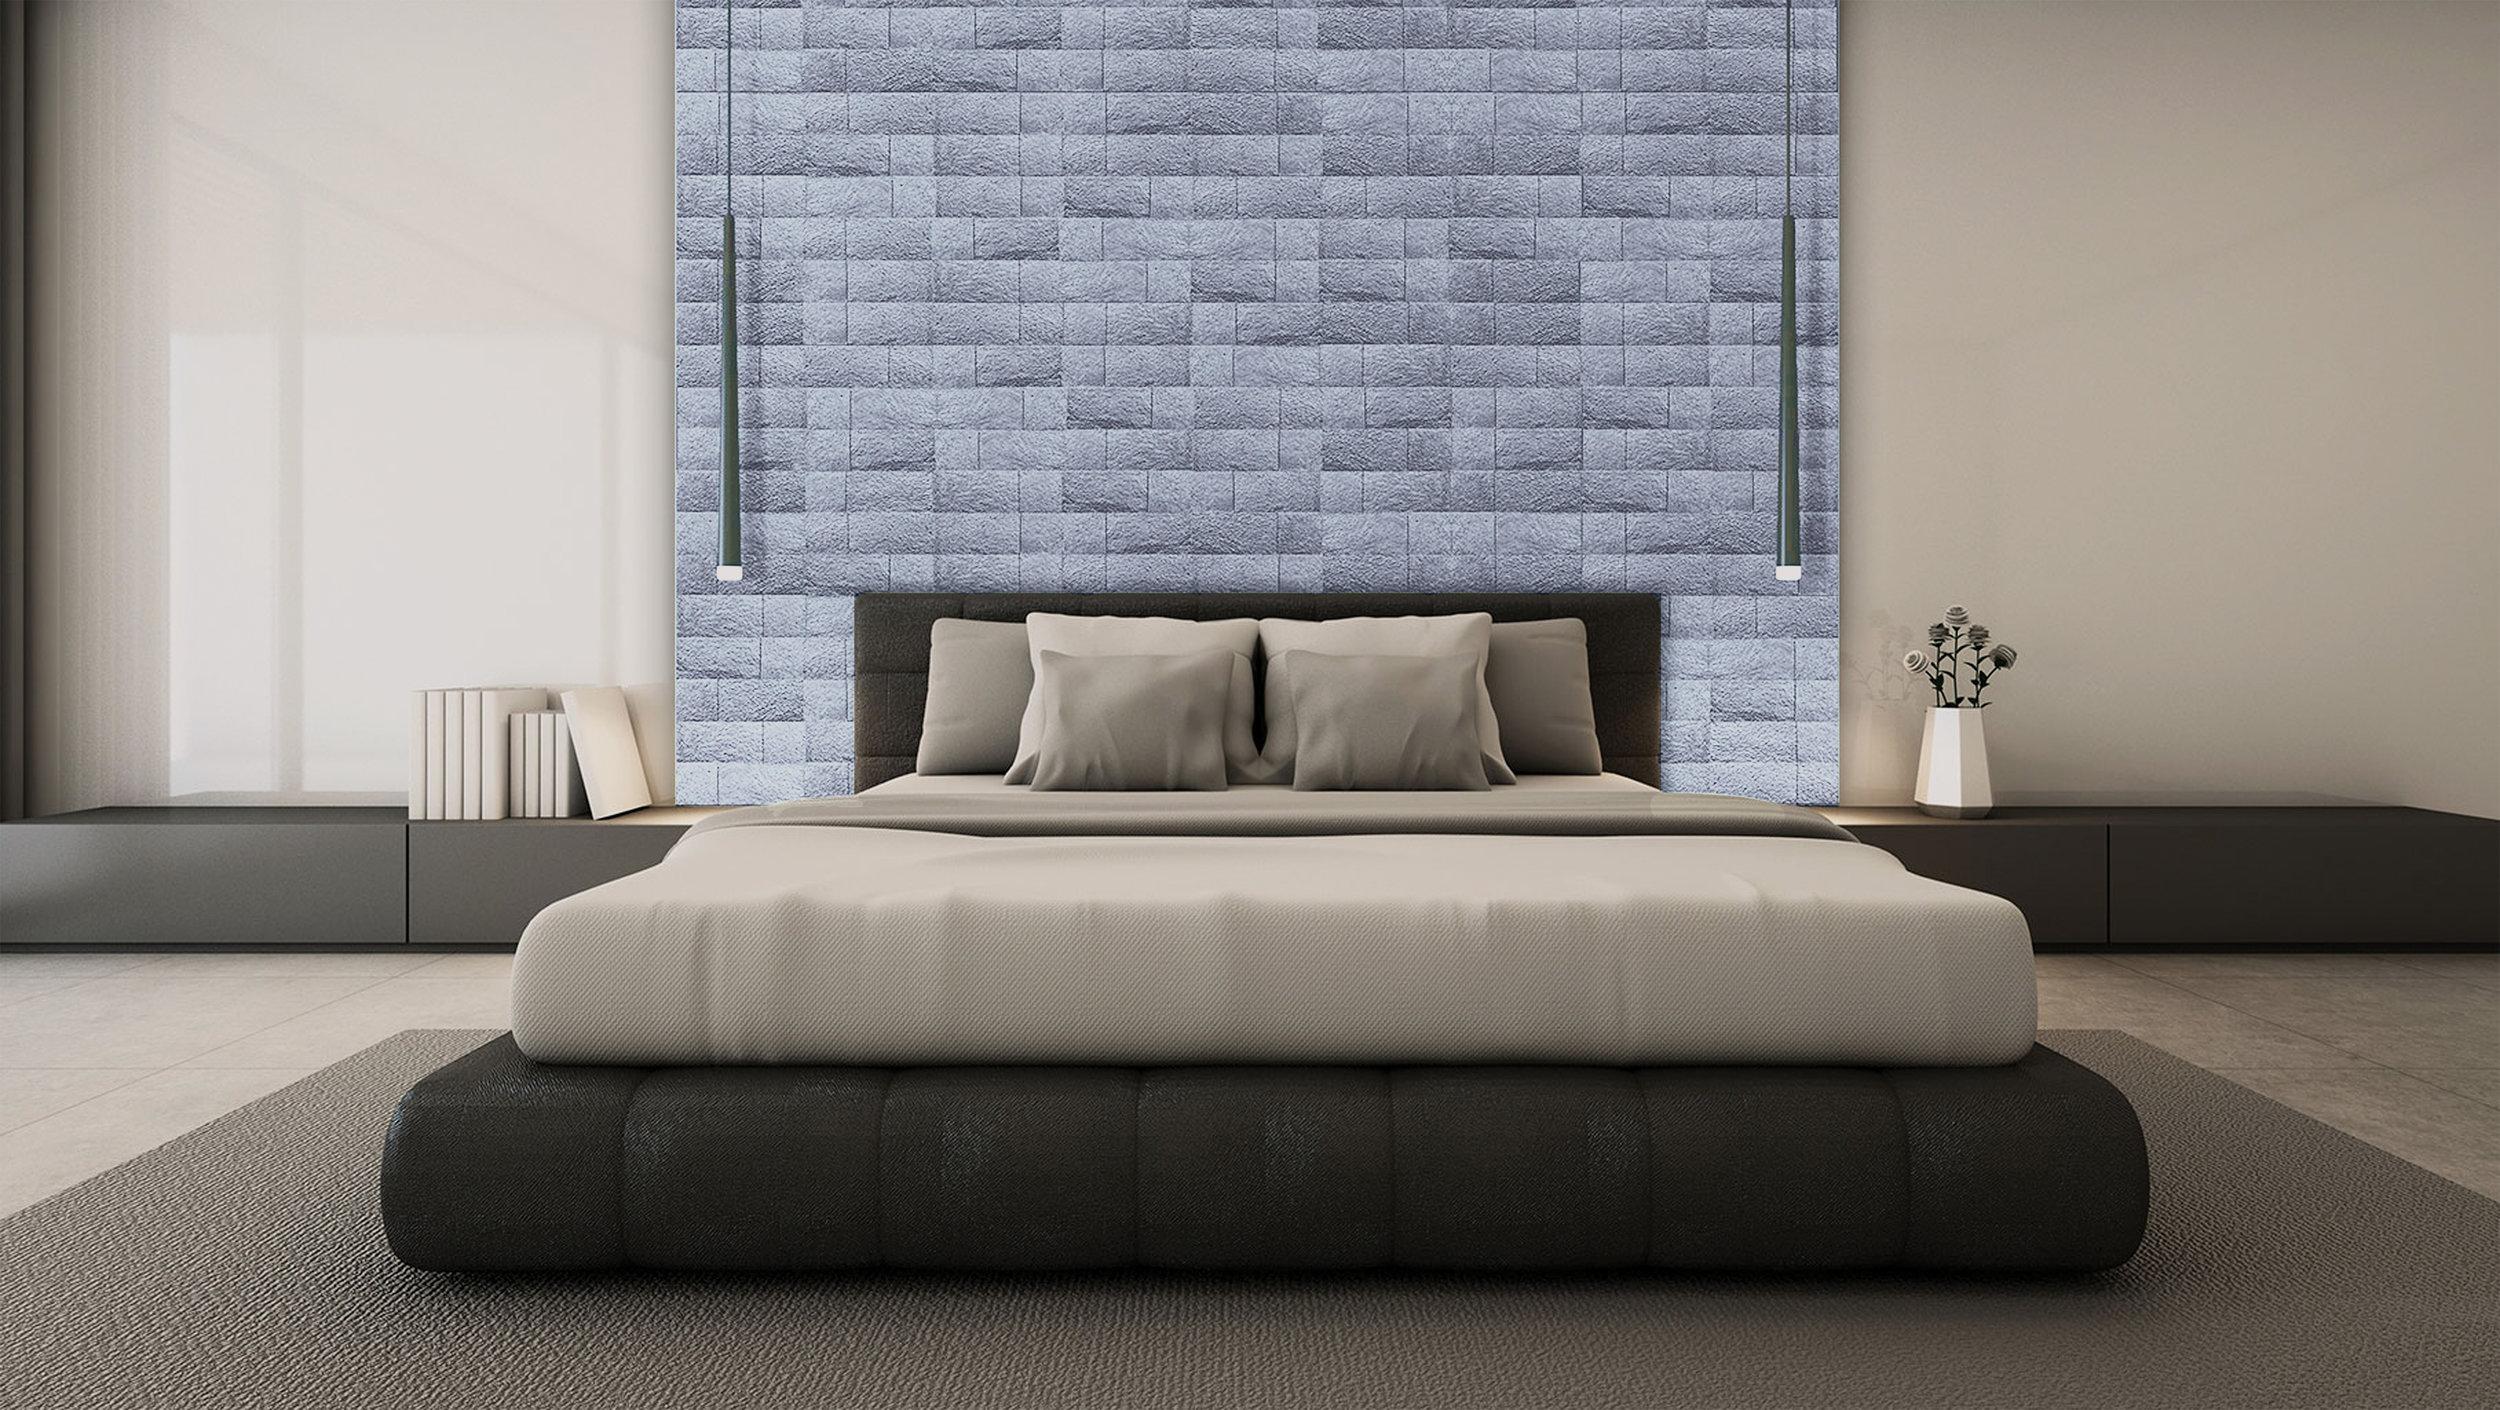 Korkstone - Saphire - Bedroom Ren.jpg